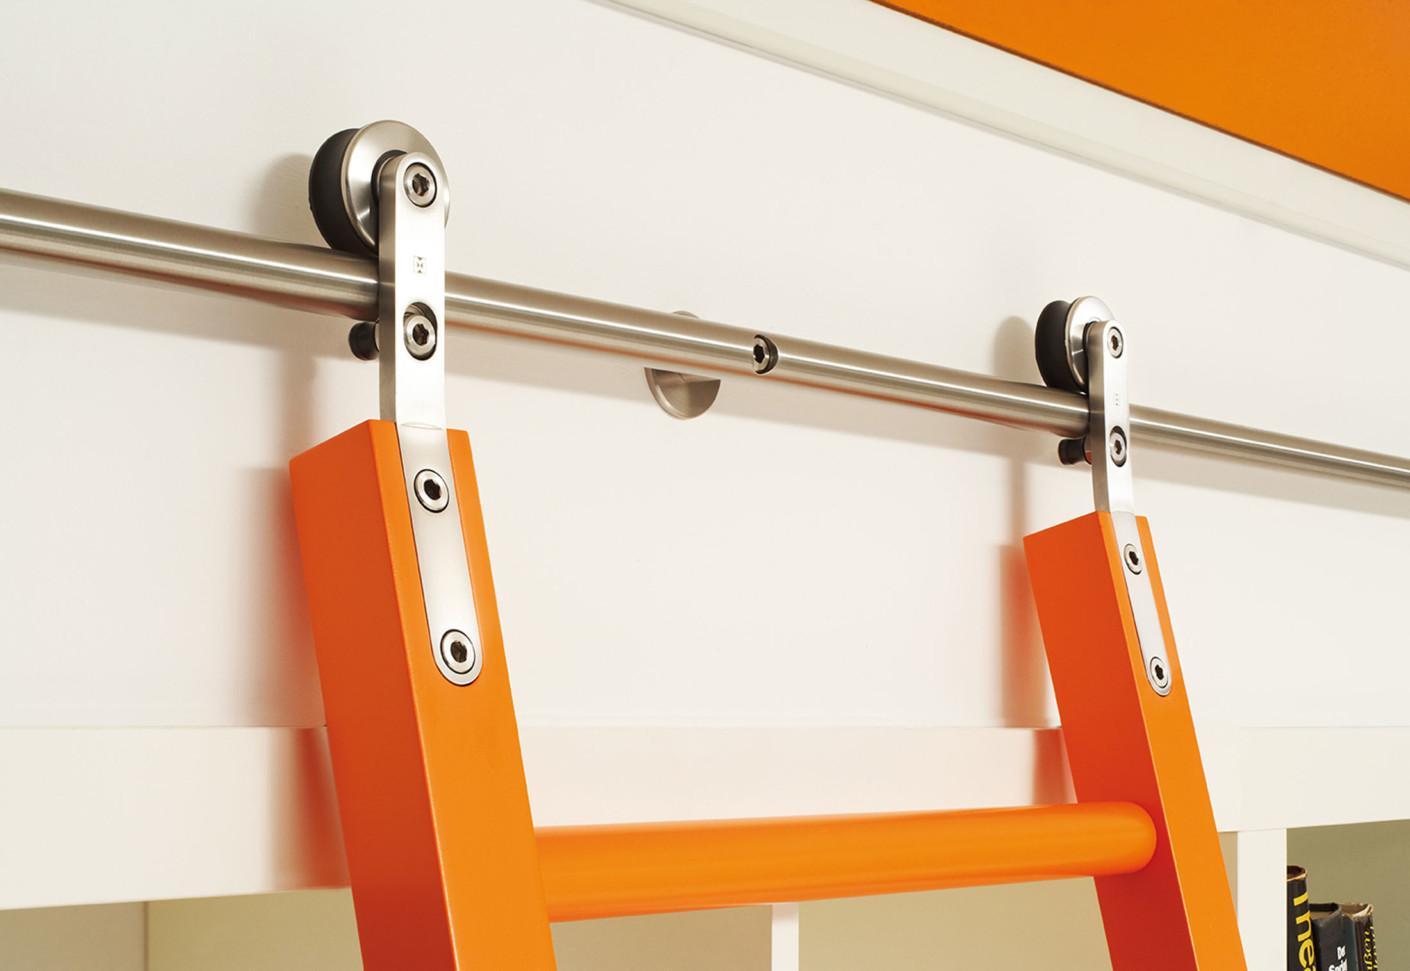 Для деревЯнных лестниц - фурнитура из нержавеющей стали для .